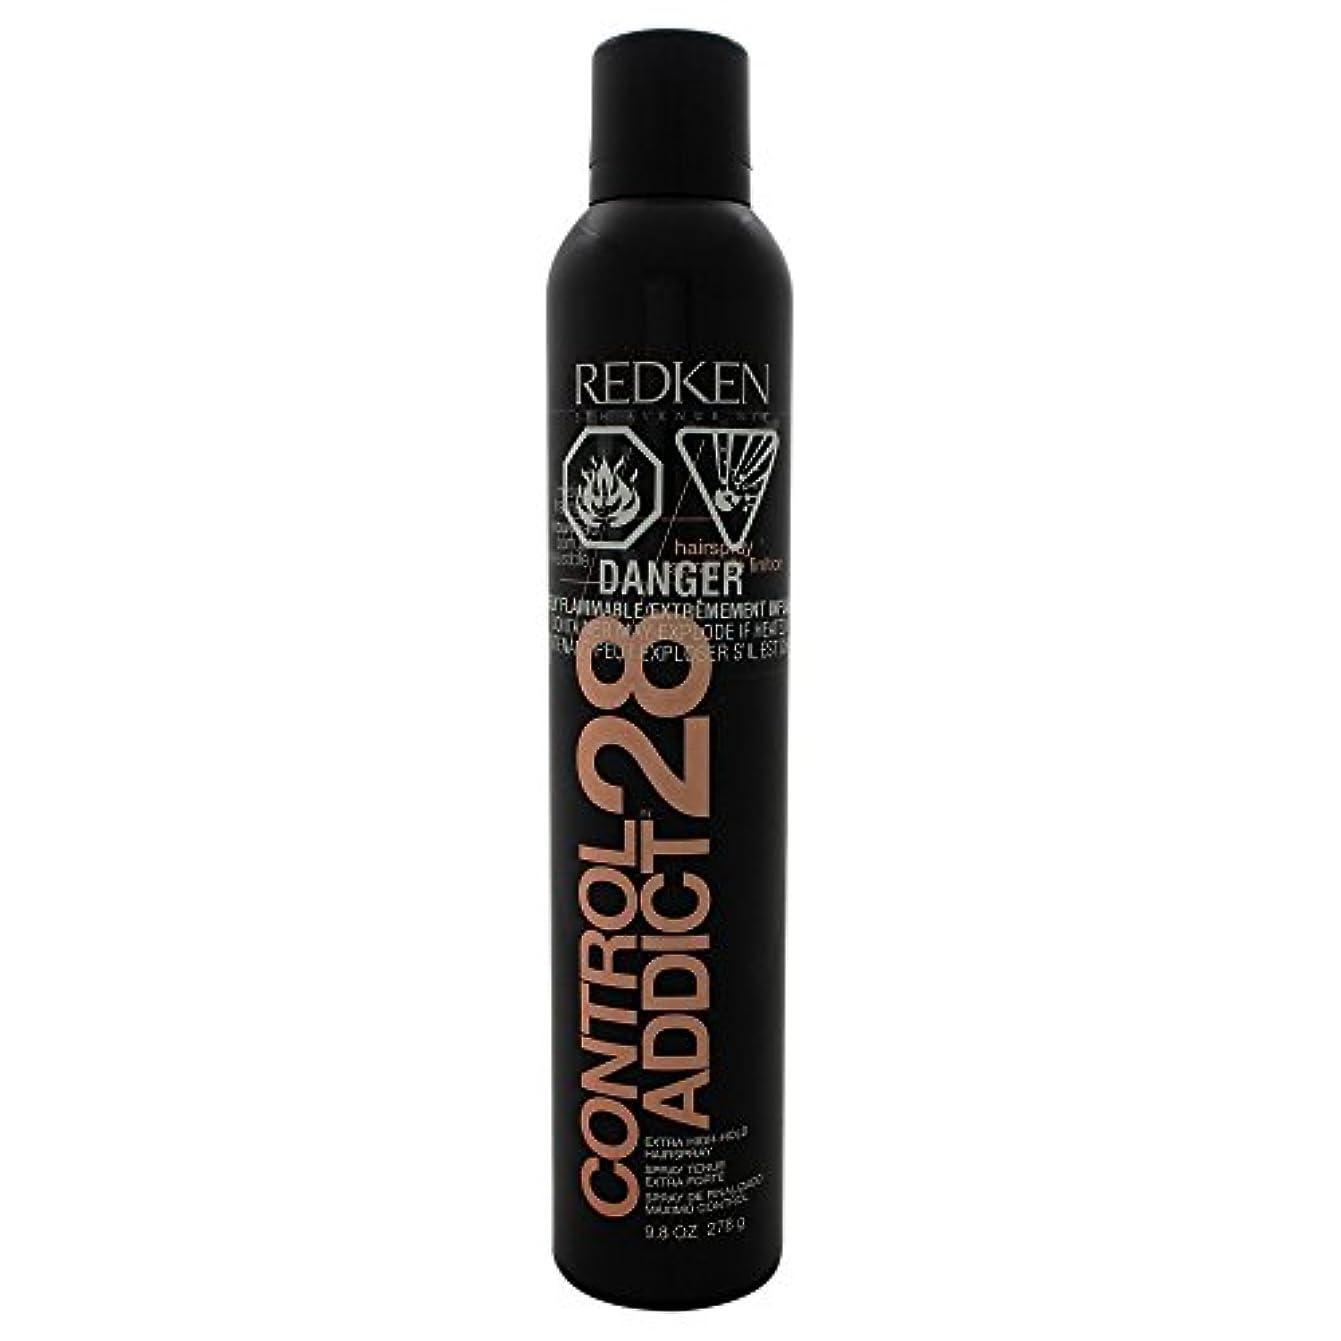 セクション文明化する固有のby Redken CONTROL ADDICT 28 EXTRA-HIGH HOLD HAIR SPRAY 9.8 OZ(BLACK PACKAGING) by REDKEN